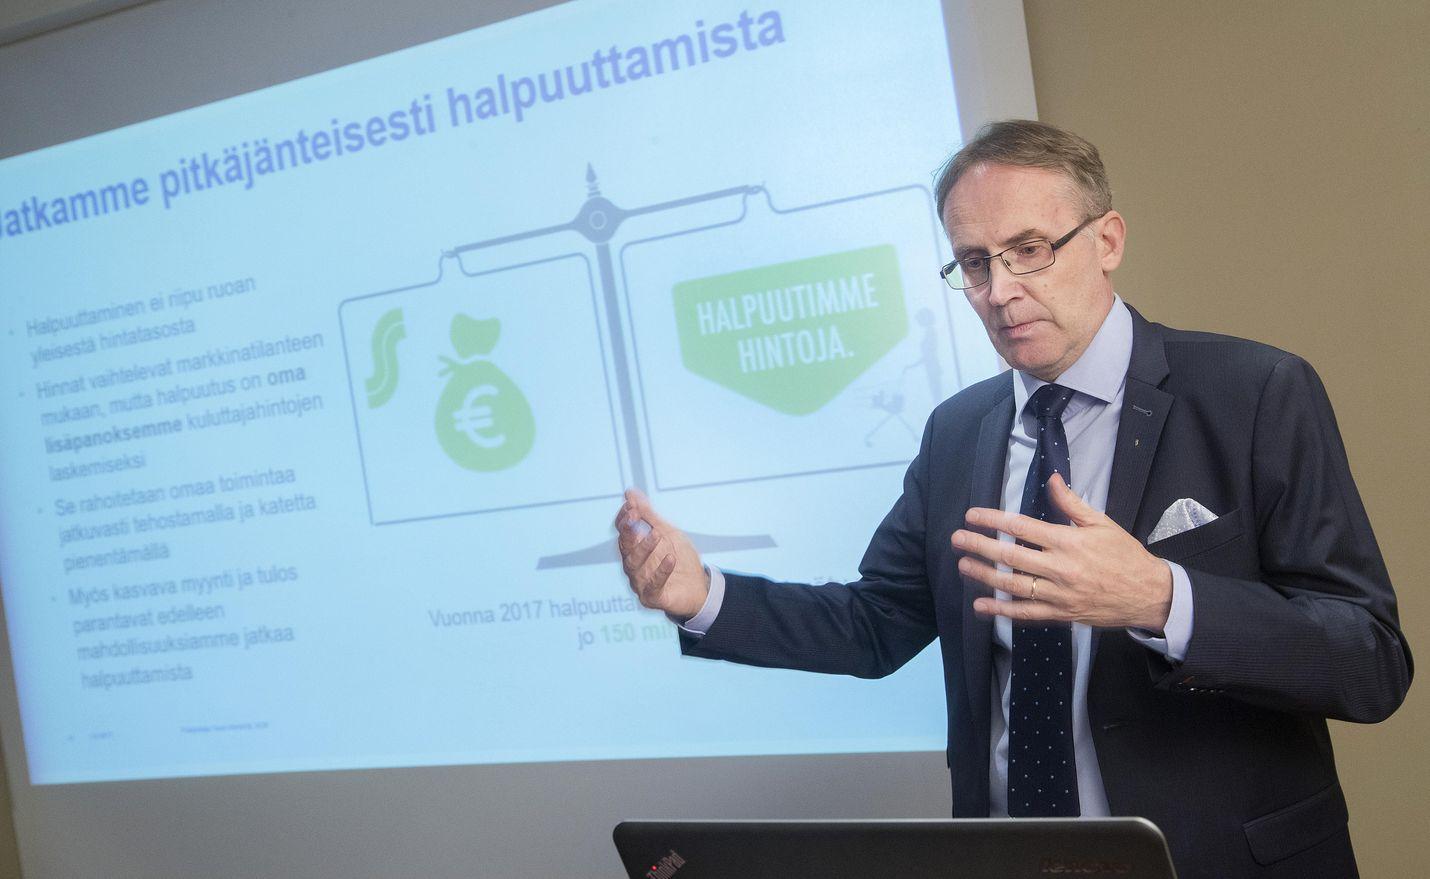 SOK:n pääjohtaja Taavi Heikkilä toivoo, että turvakäytännöt riittävät eikä koronakriisi aiheuta enää liiketoiminnan rajoituksia.